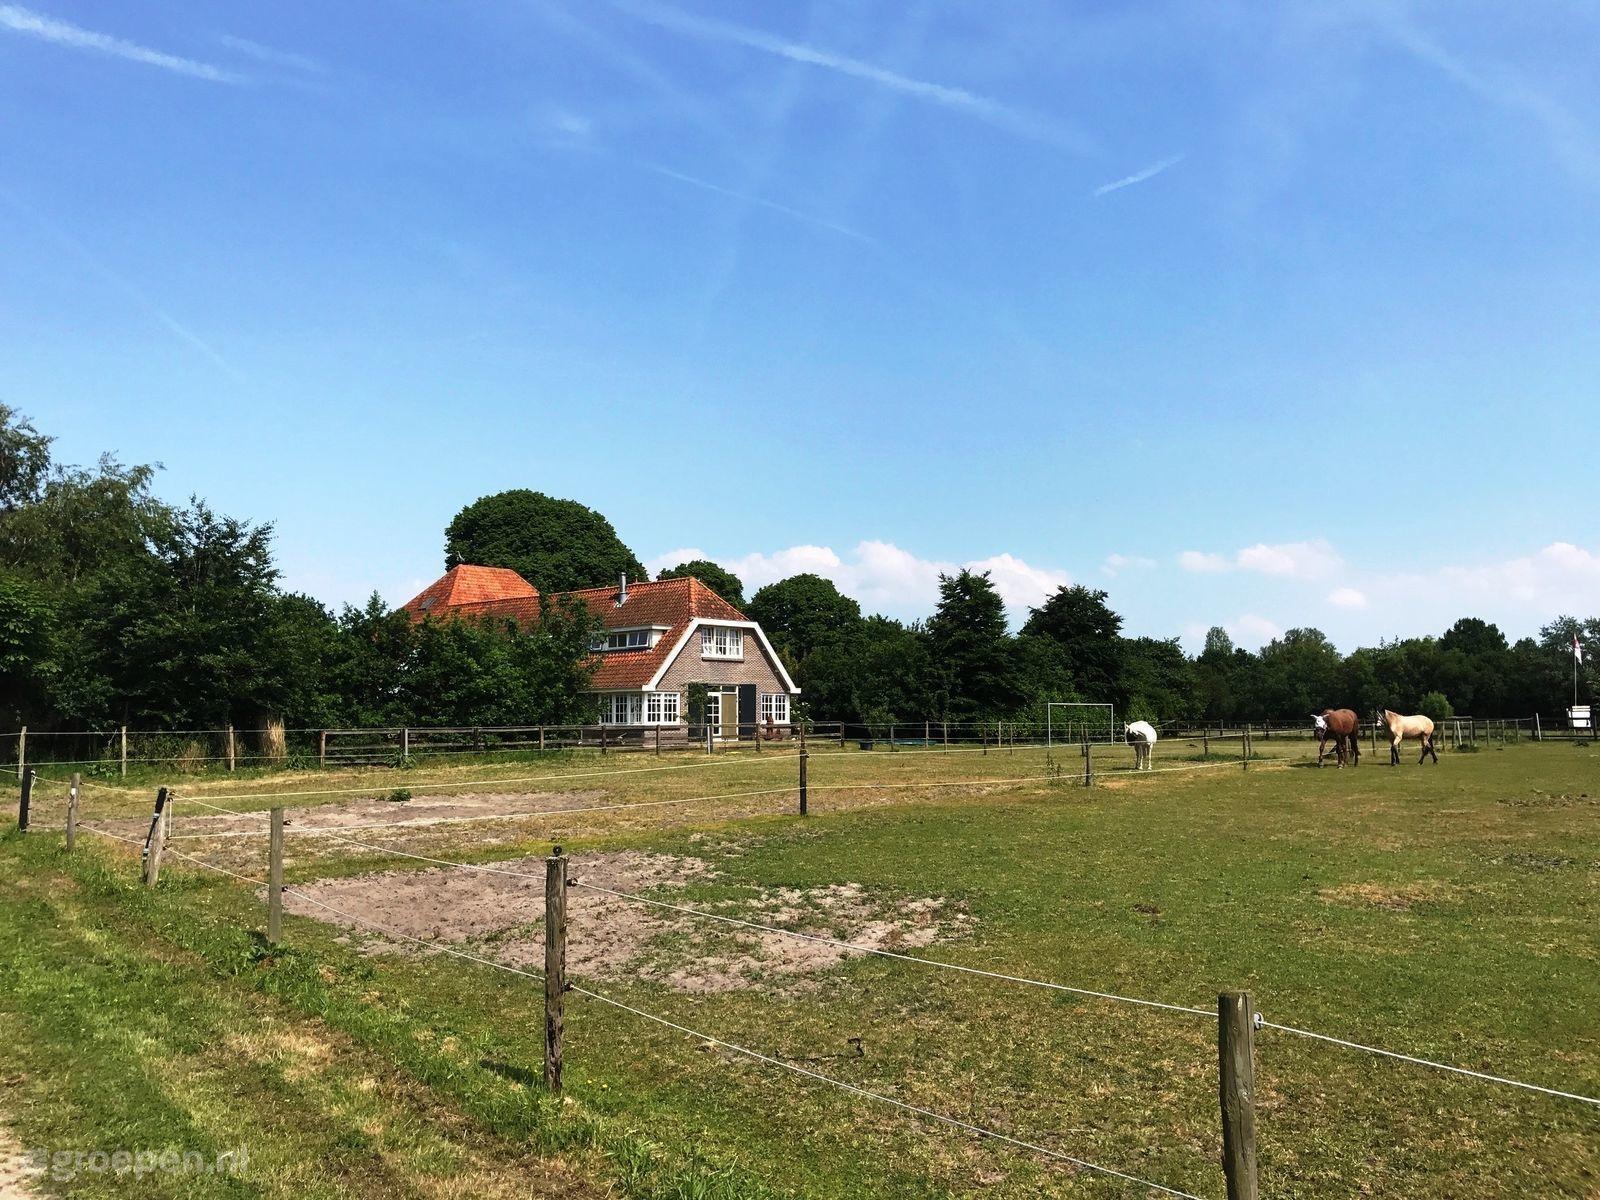 Schoorl Srl 1737 15 Personen Nordholland Niederlande